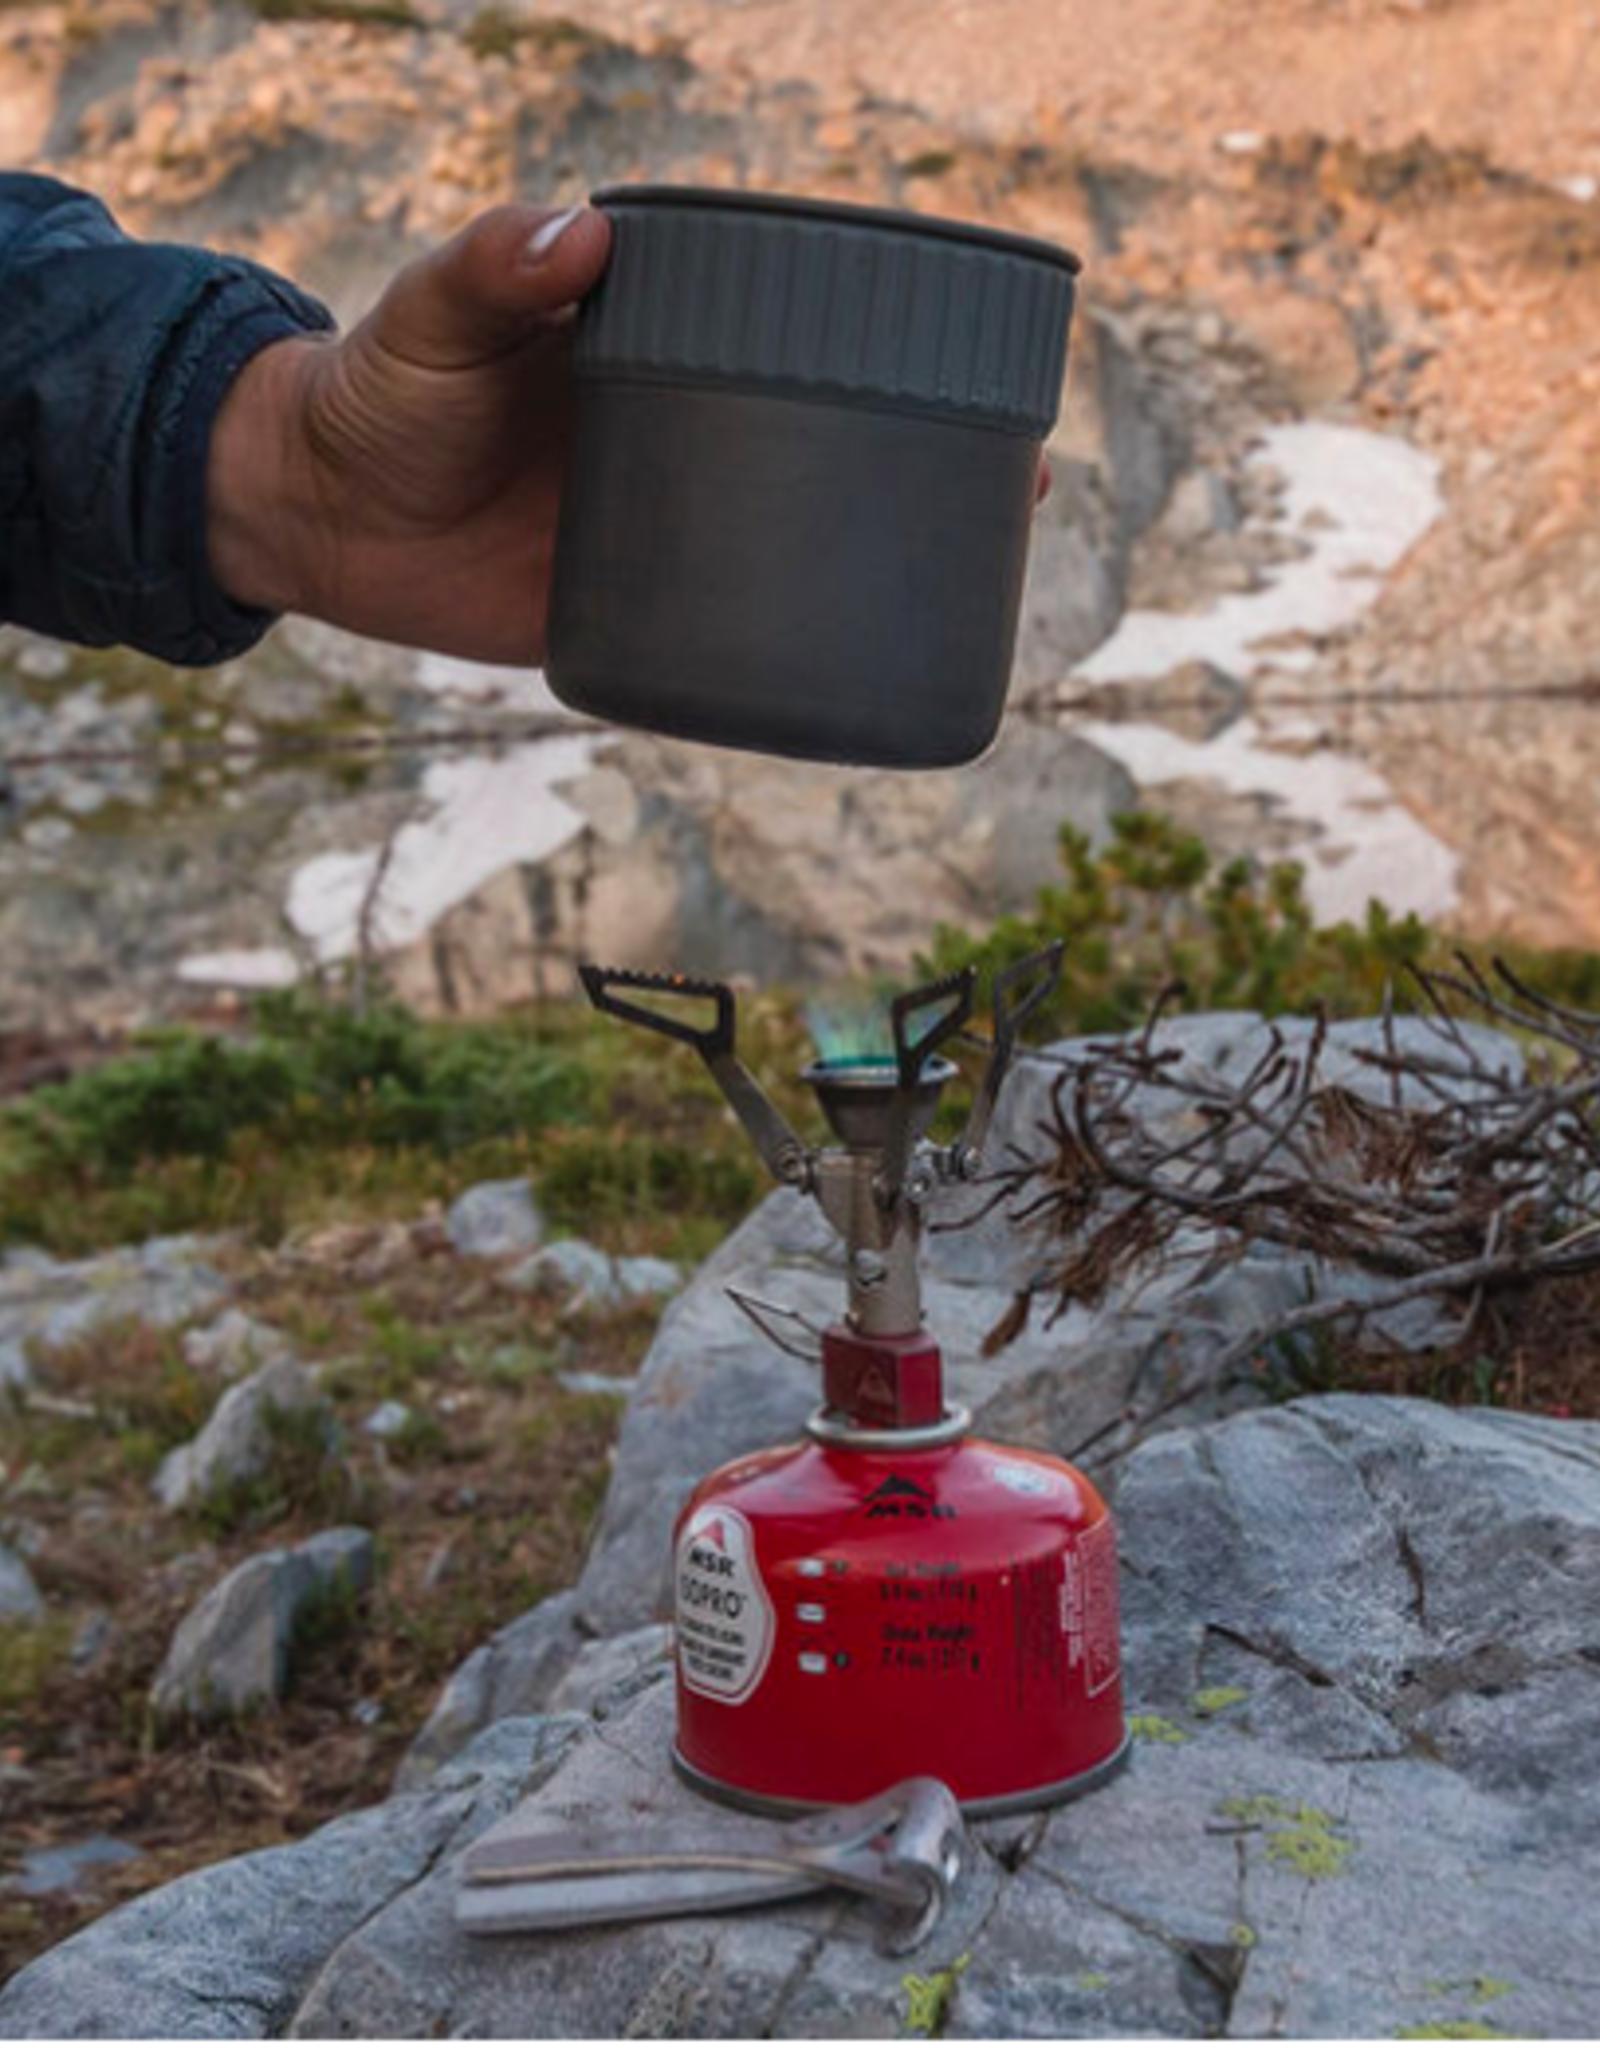 MSR Trail Mini Duo Cook Set - 1.3 Liter